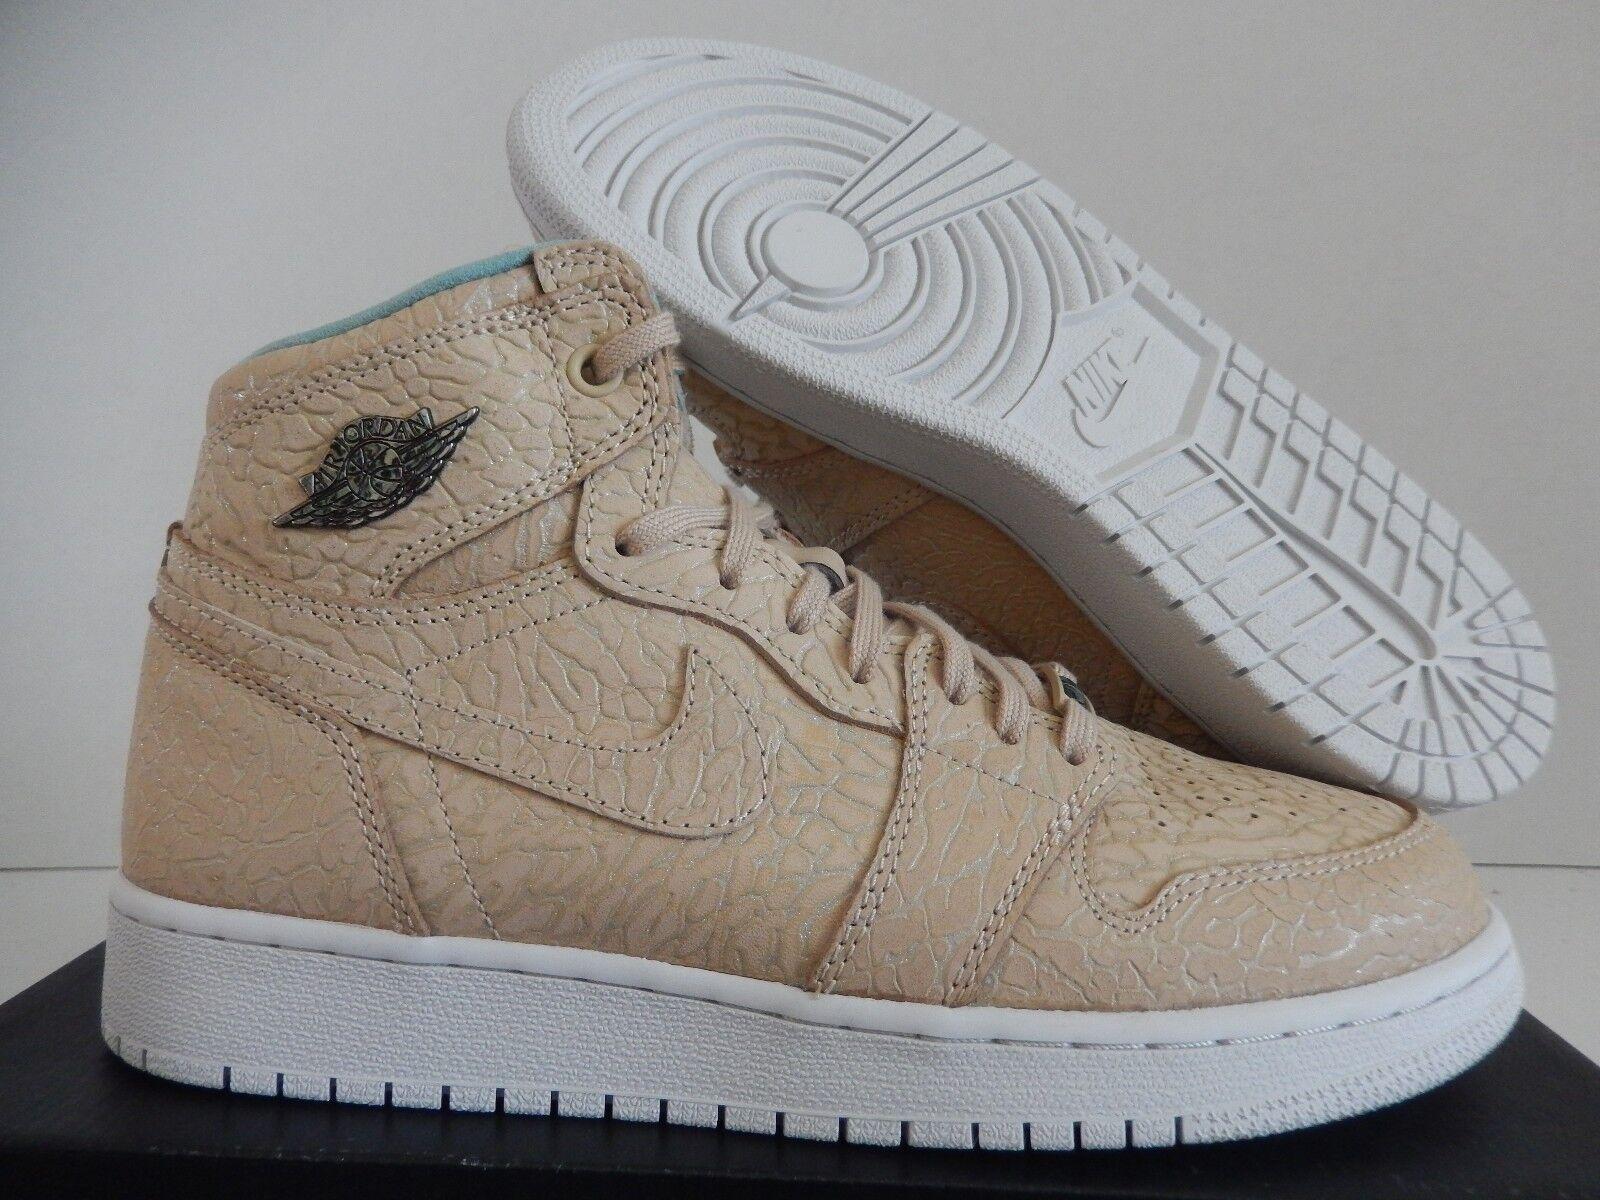 Nike Hi Air Jordan 1 retro Hi Nike og perla GG SZ 8.5y - Hombre sz 8,5 [743957-207] 6ee406